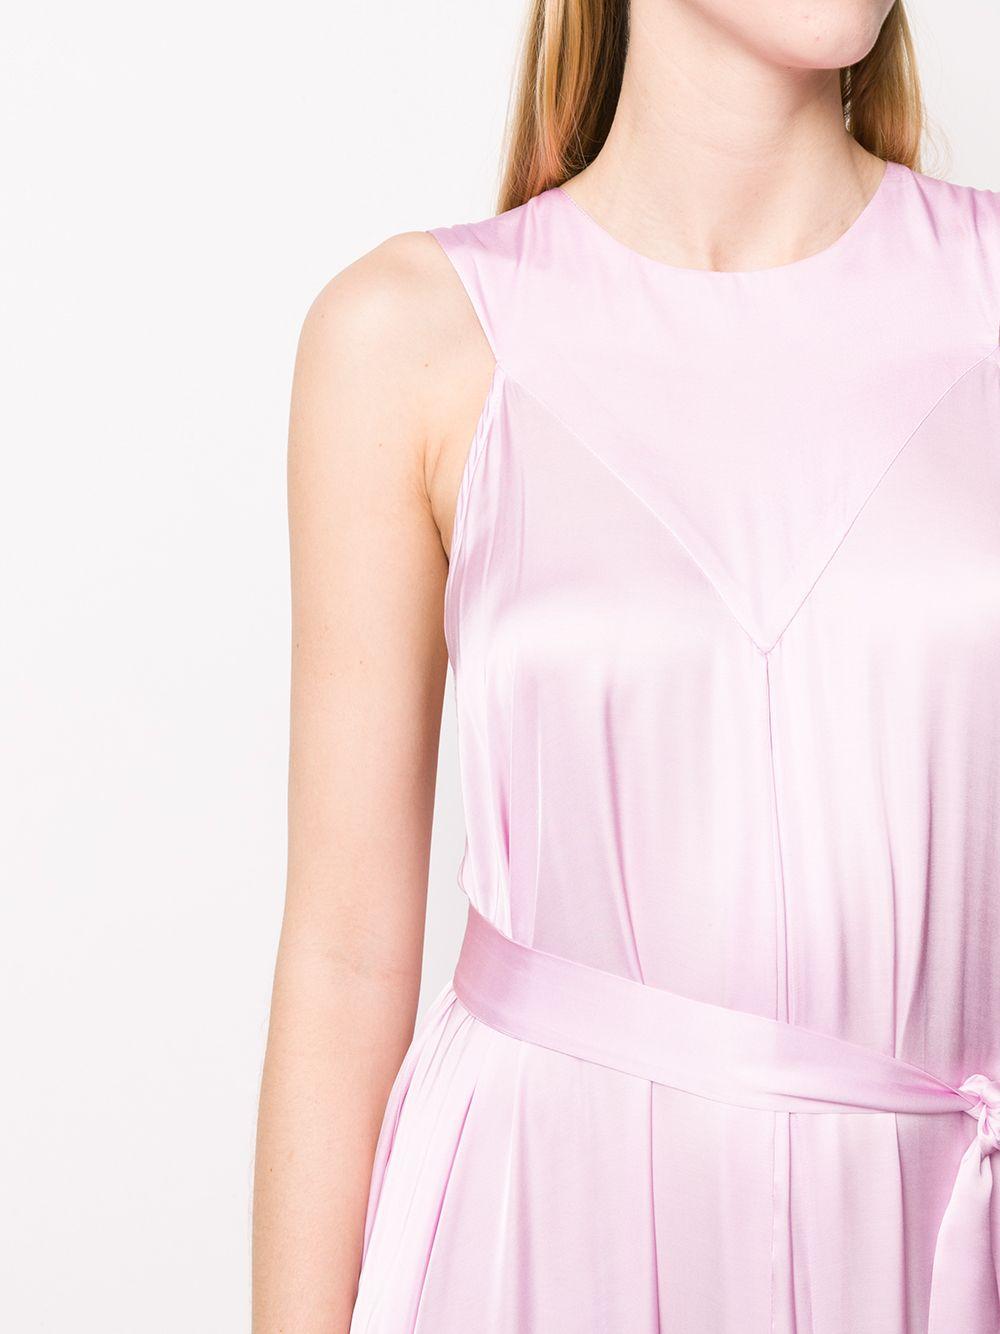 ANN DEMEULEMEESTER | Dress | 2001-2350-P-126035